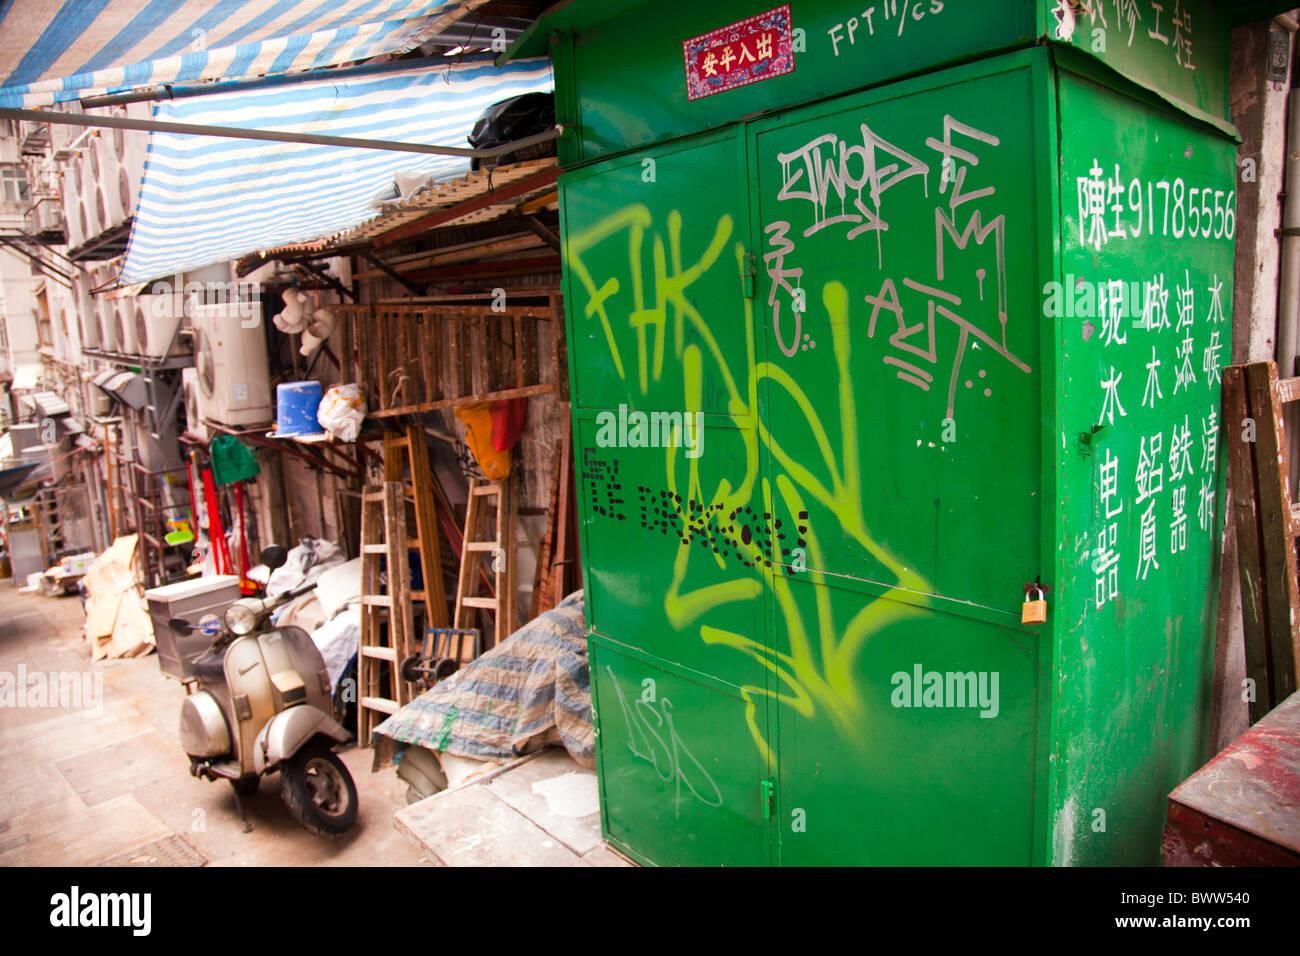 Gage strada del mercato di Hong Kong city, ruvida strada laterale con graffiti su lock-up Immagini Stock